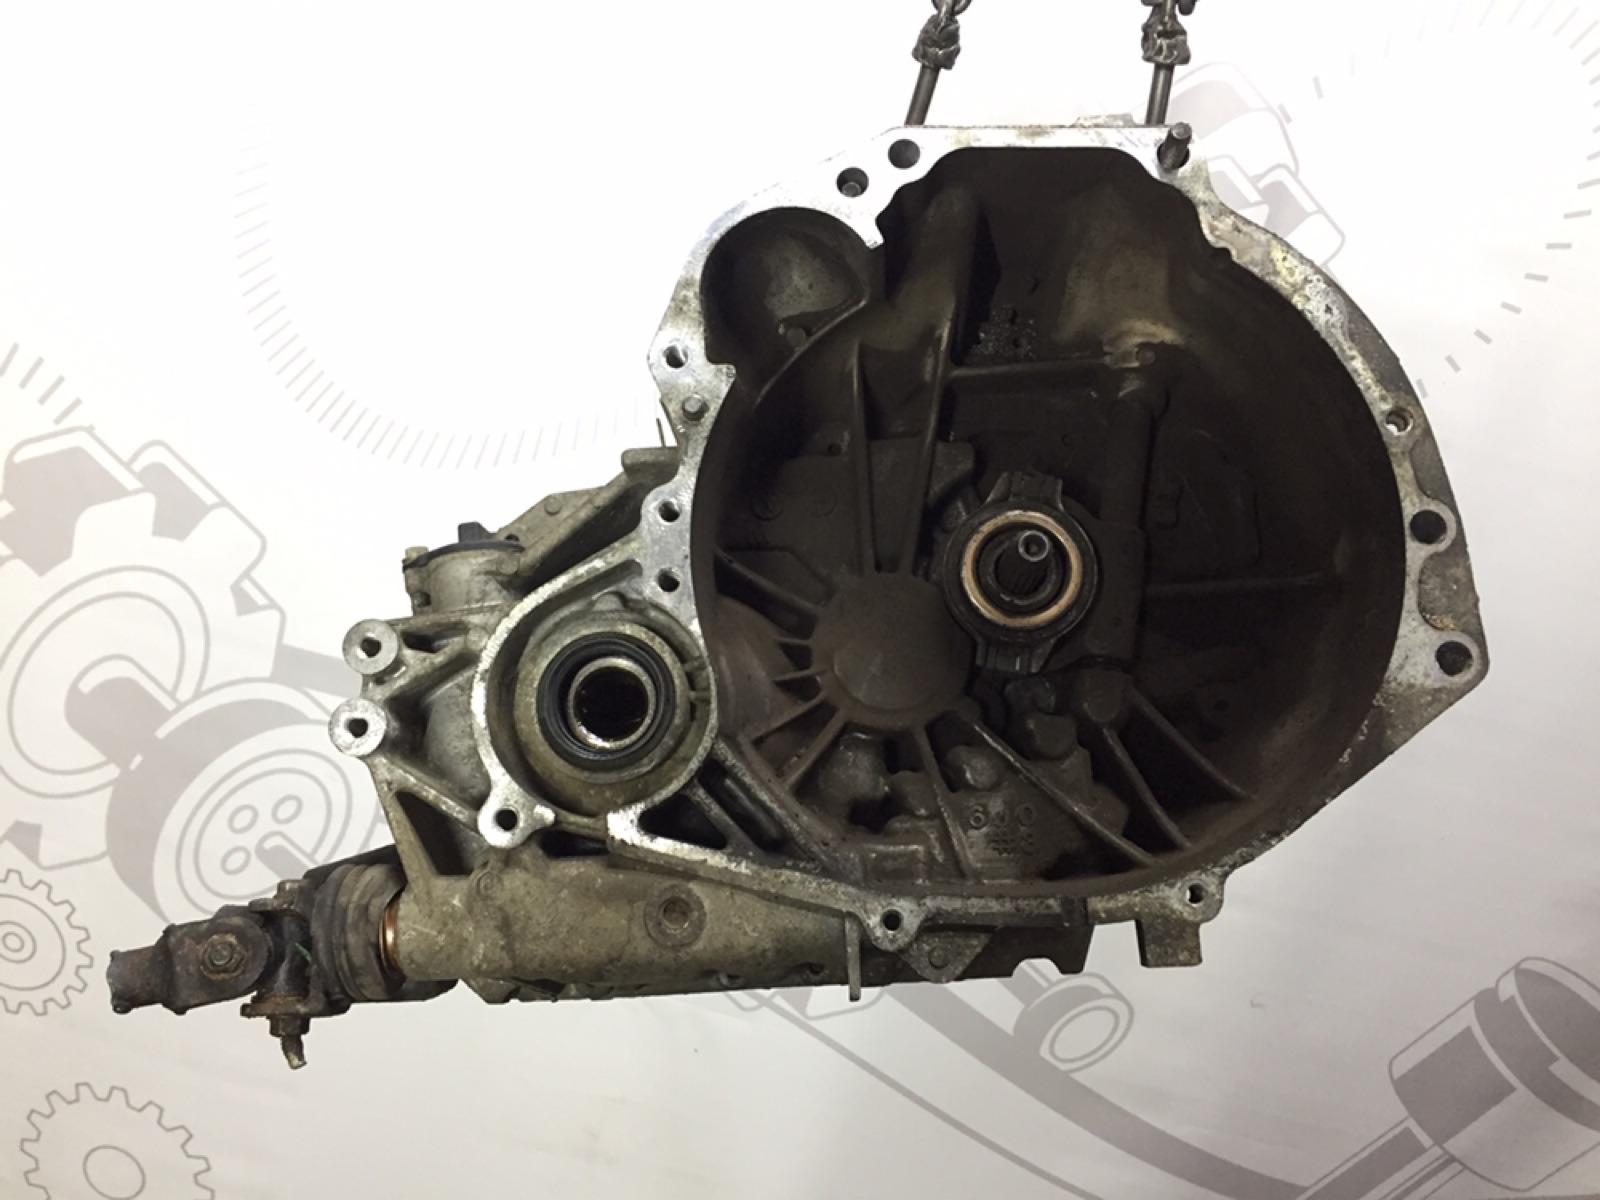 Кпп механическая (мкпп) Nissan Almera Tino 1.8 I 2005 (б/у)